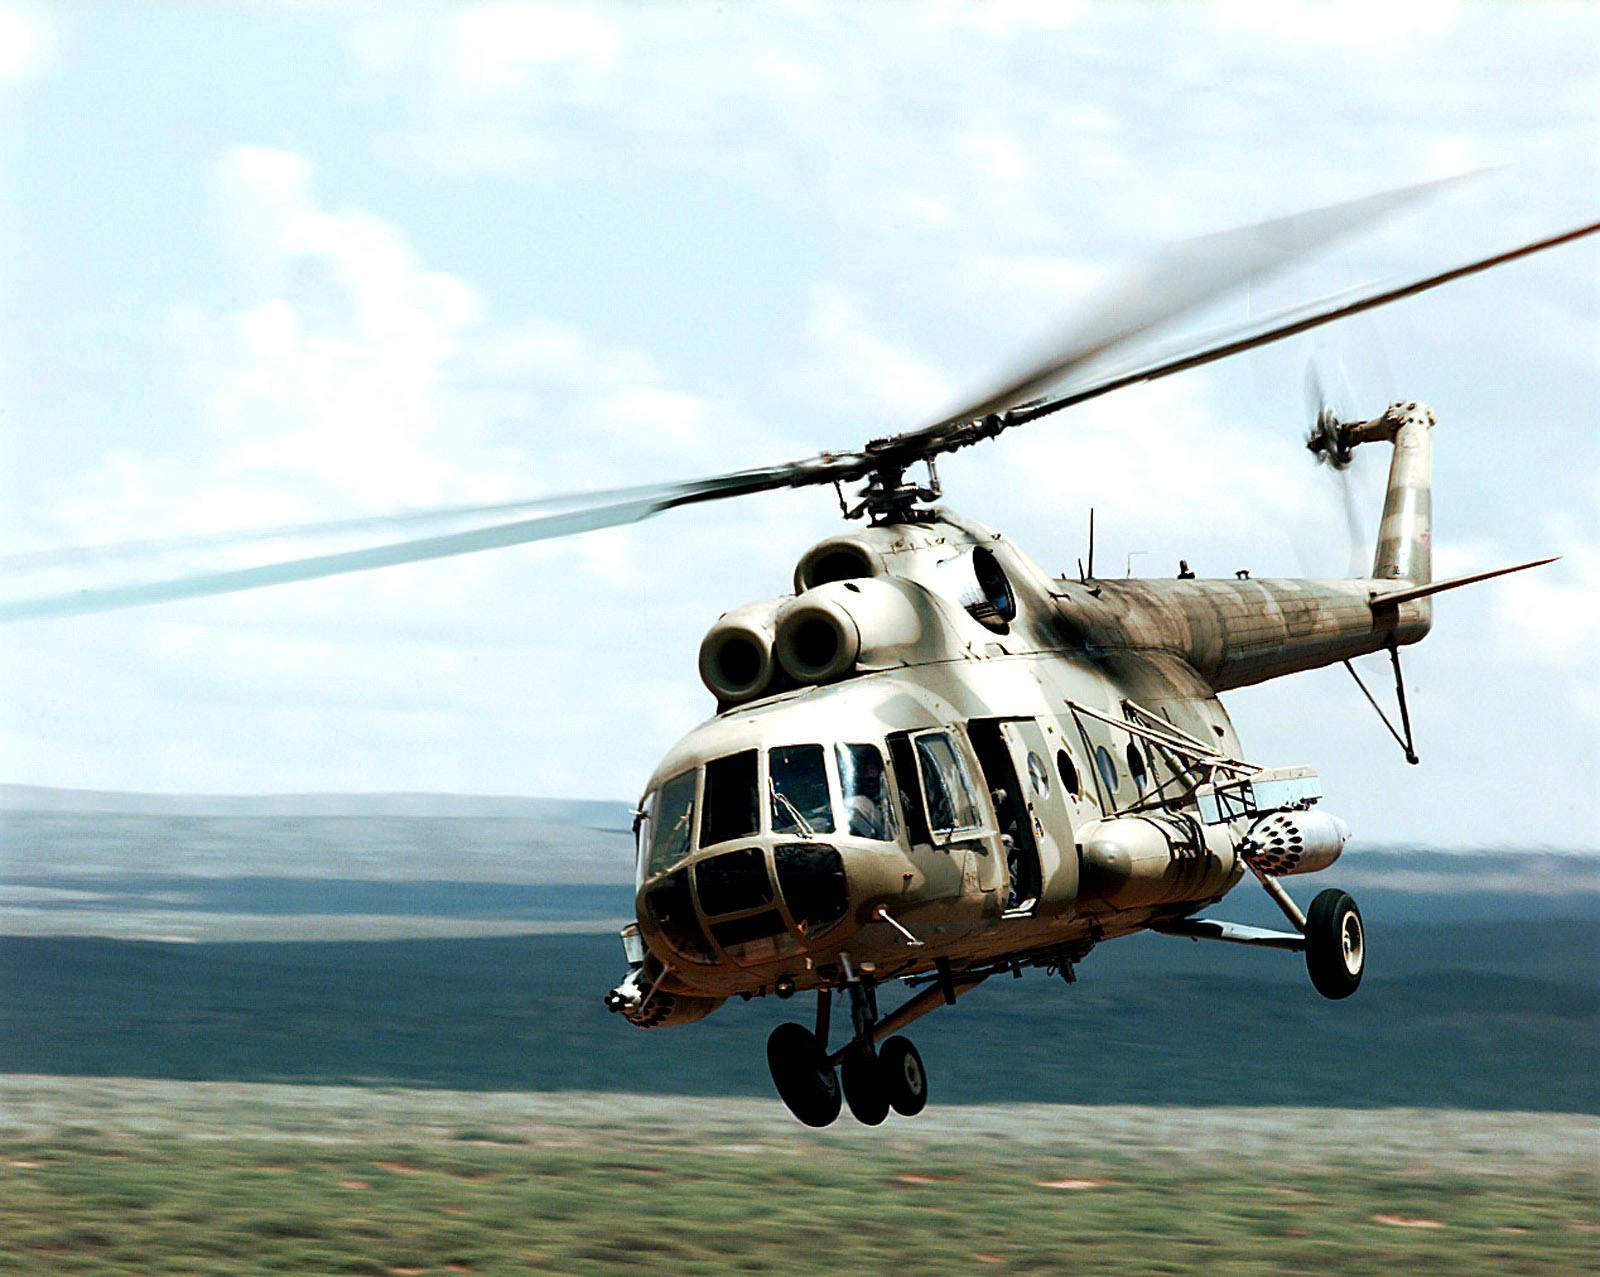 Elicottero 8 : Avionews world aeronautical press agency un elicottero mil mi